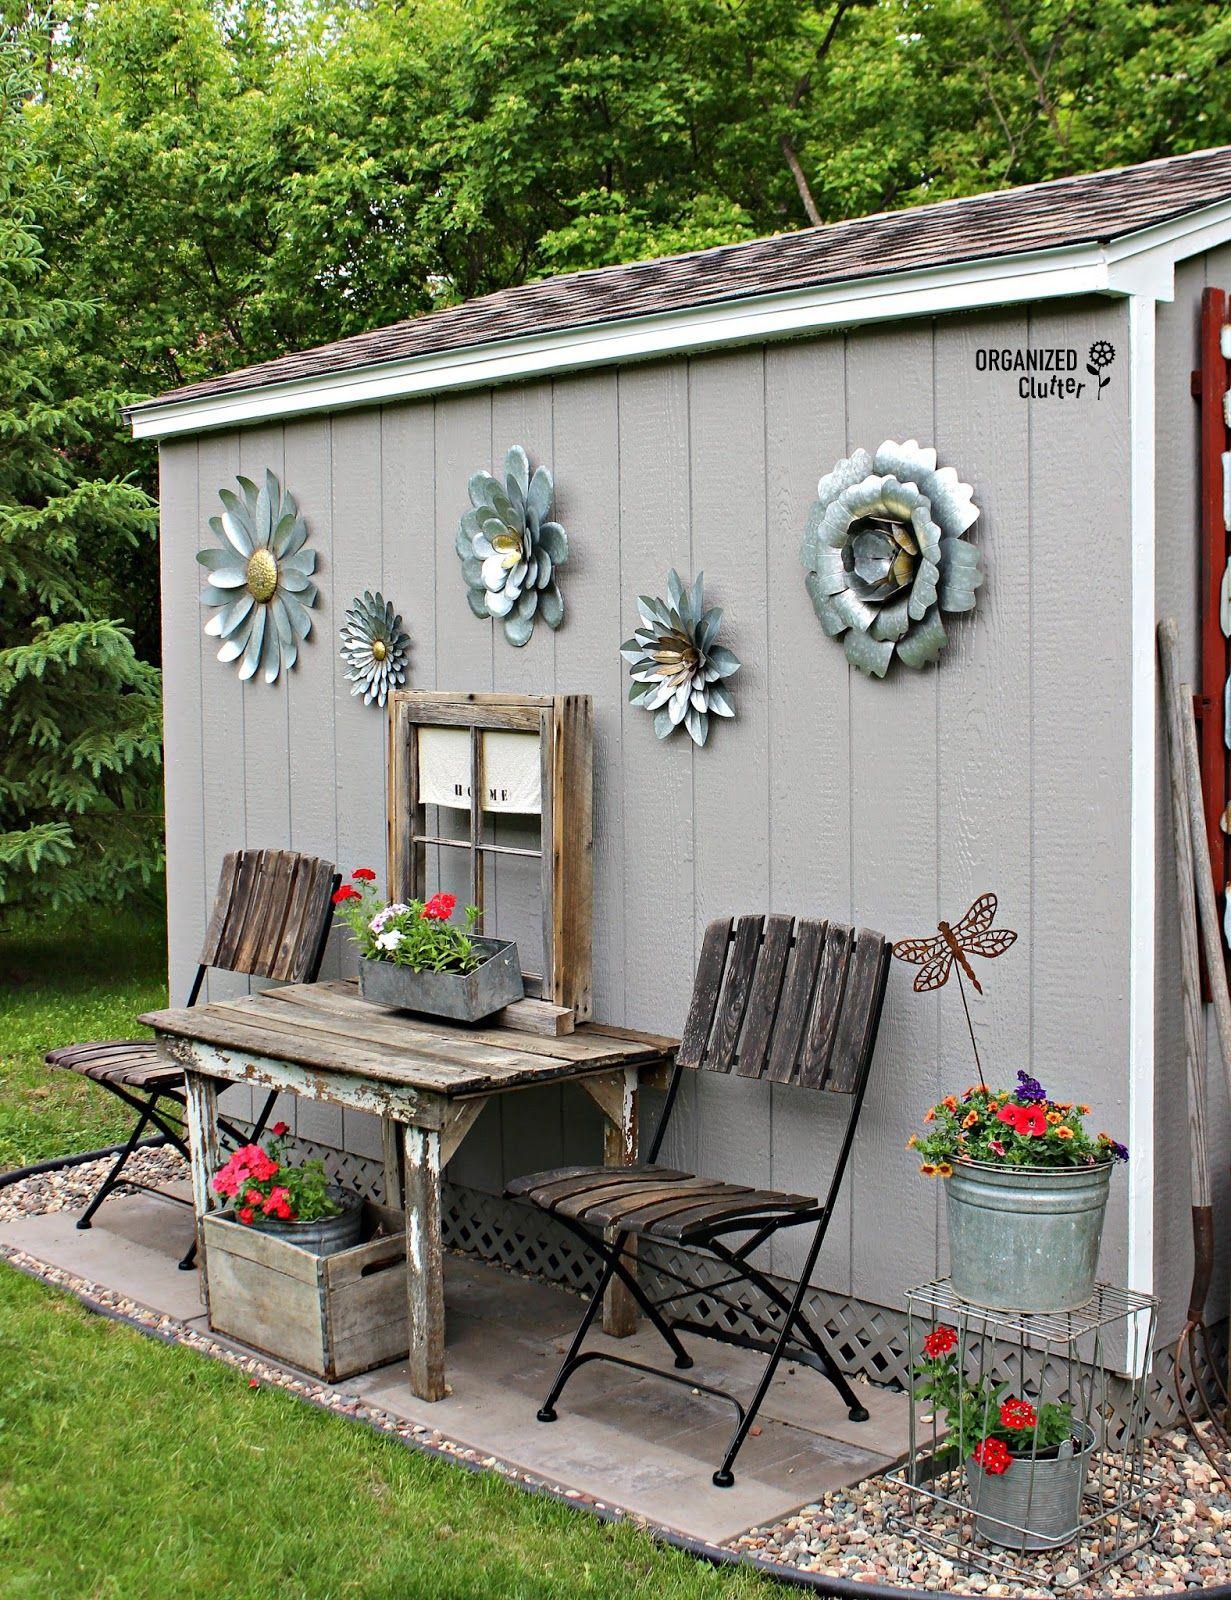 Merveilleux Outdoor Junk Garden Shed Decor Organizedclutter.net